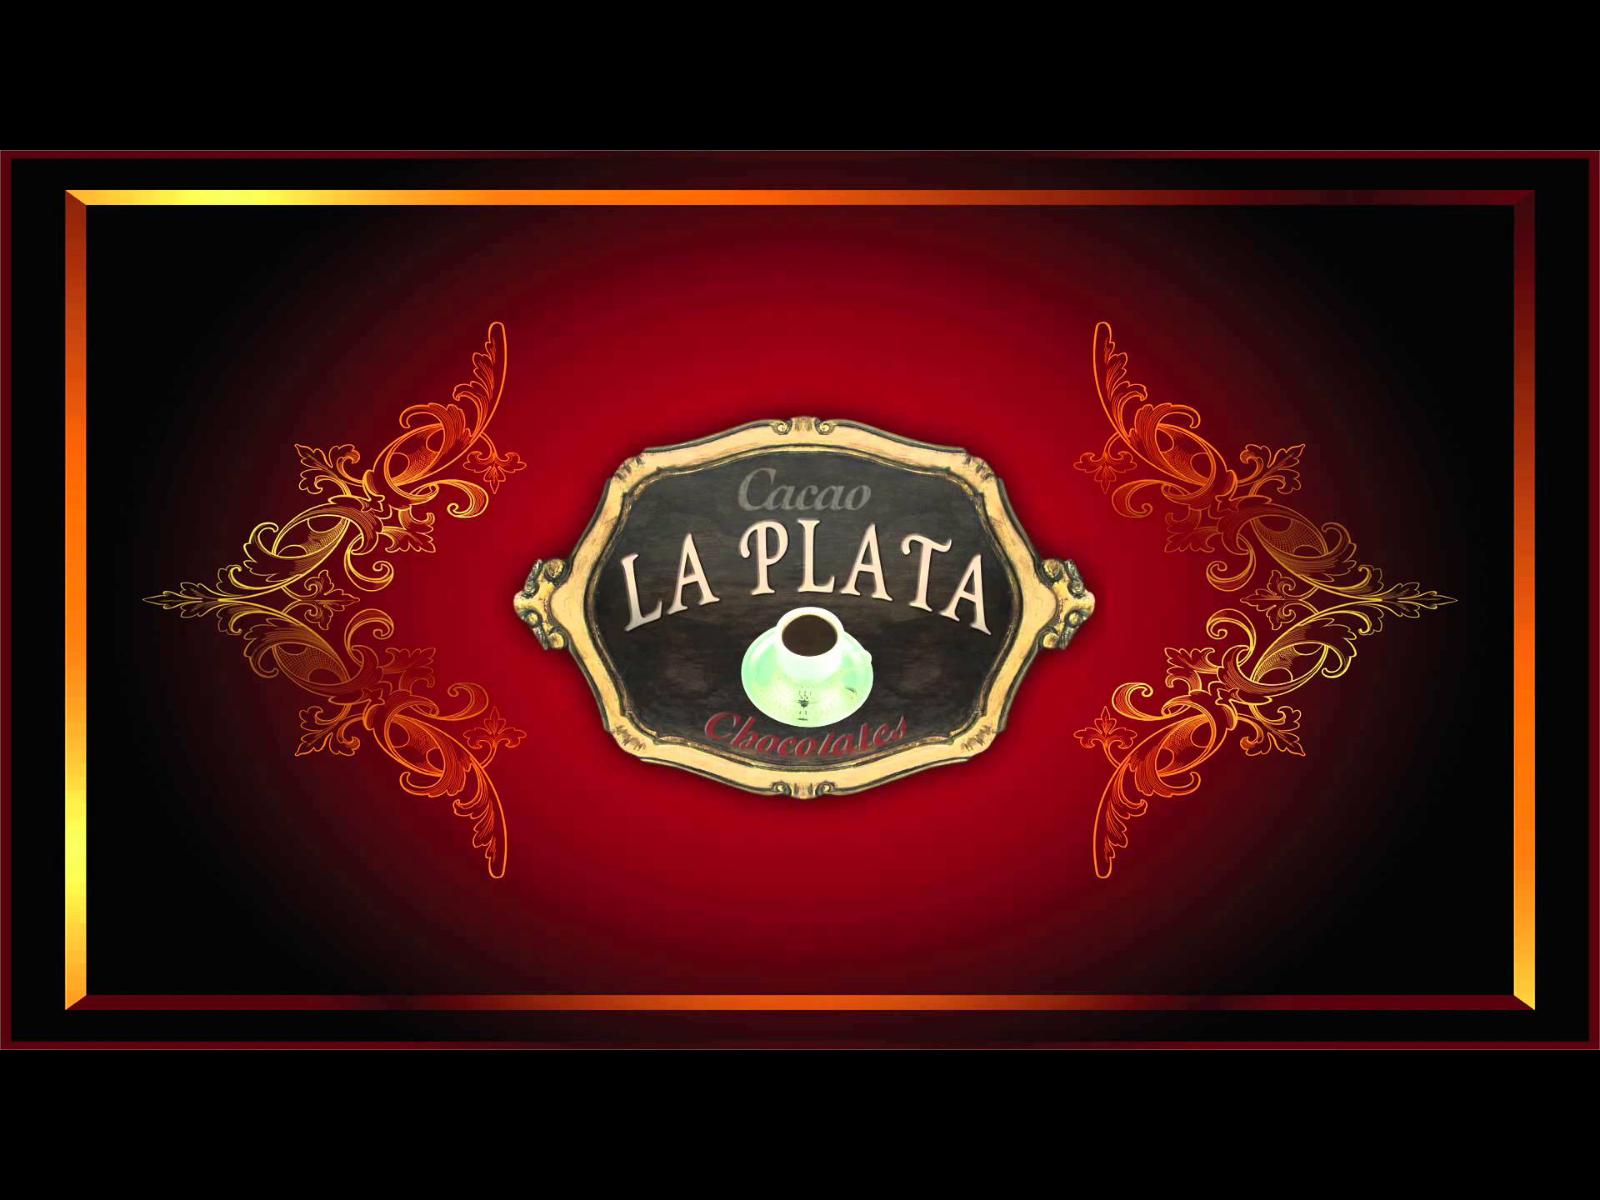 Fabricantes de Chocolates a la taza cacao soluble La Plata. Compañía Europea del Cacao